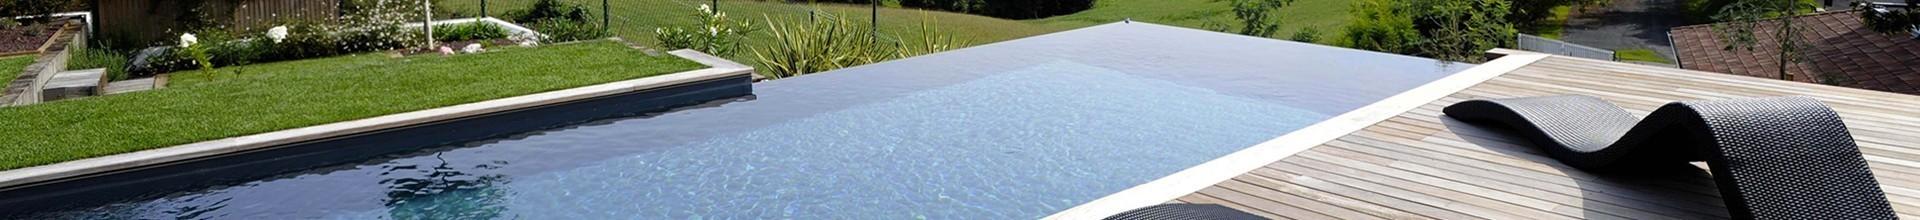 Direct usine, piscine coque prix Loire-Atlantique